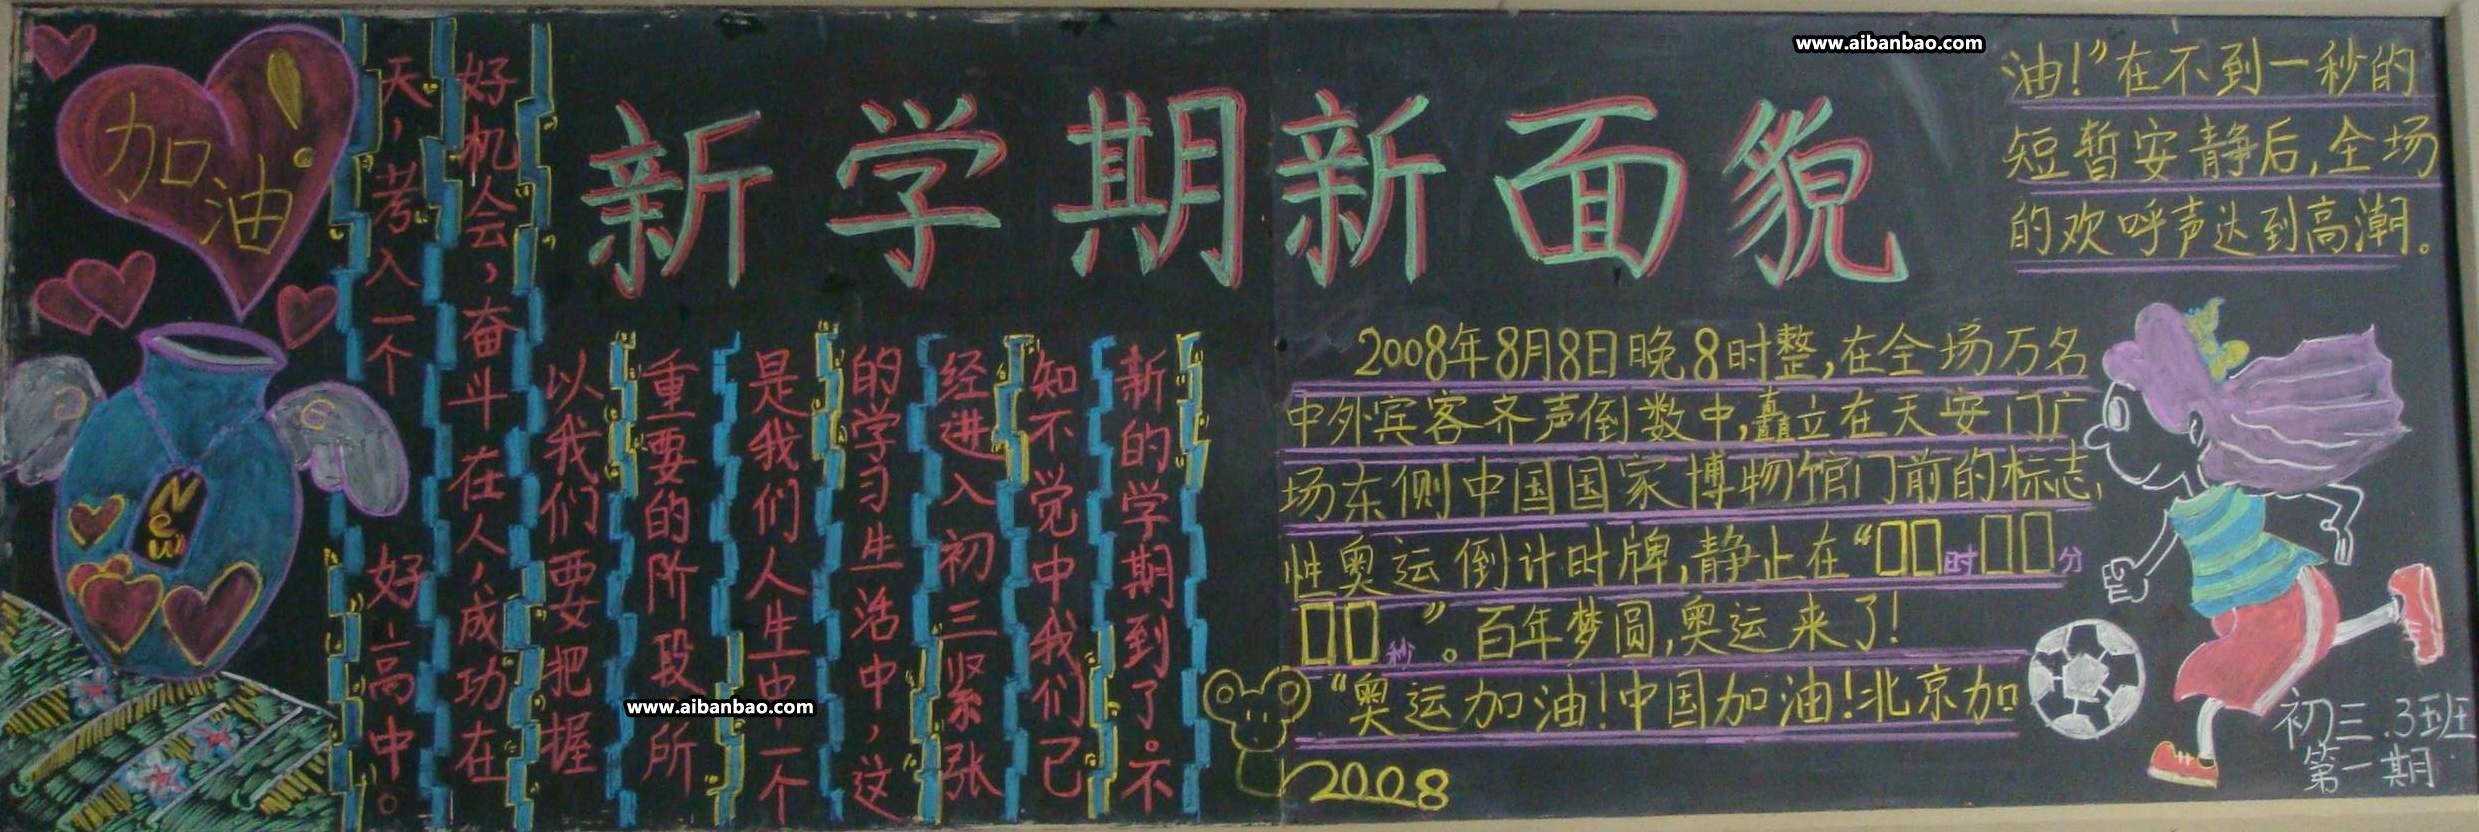 初中国庆板报图片_为新学期加油黑板报